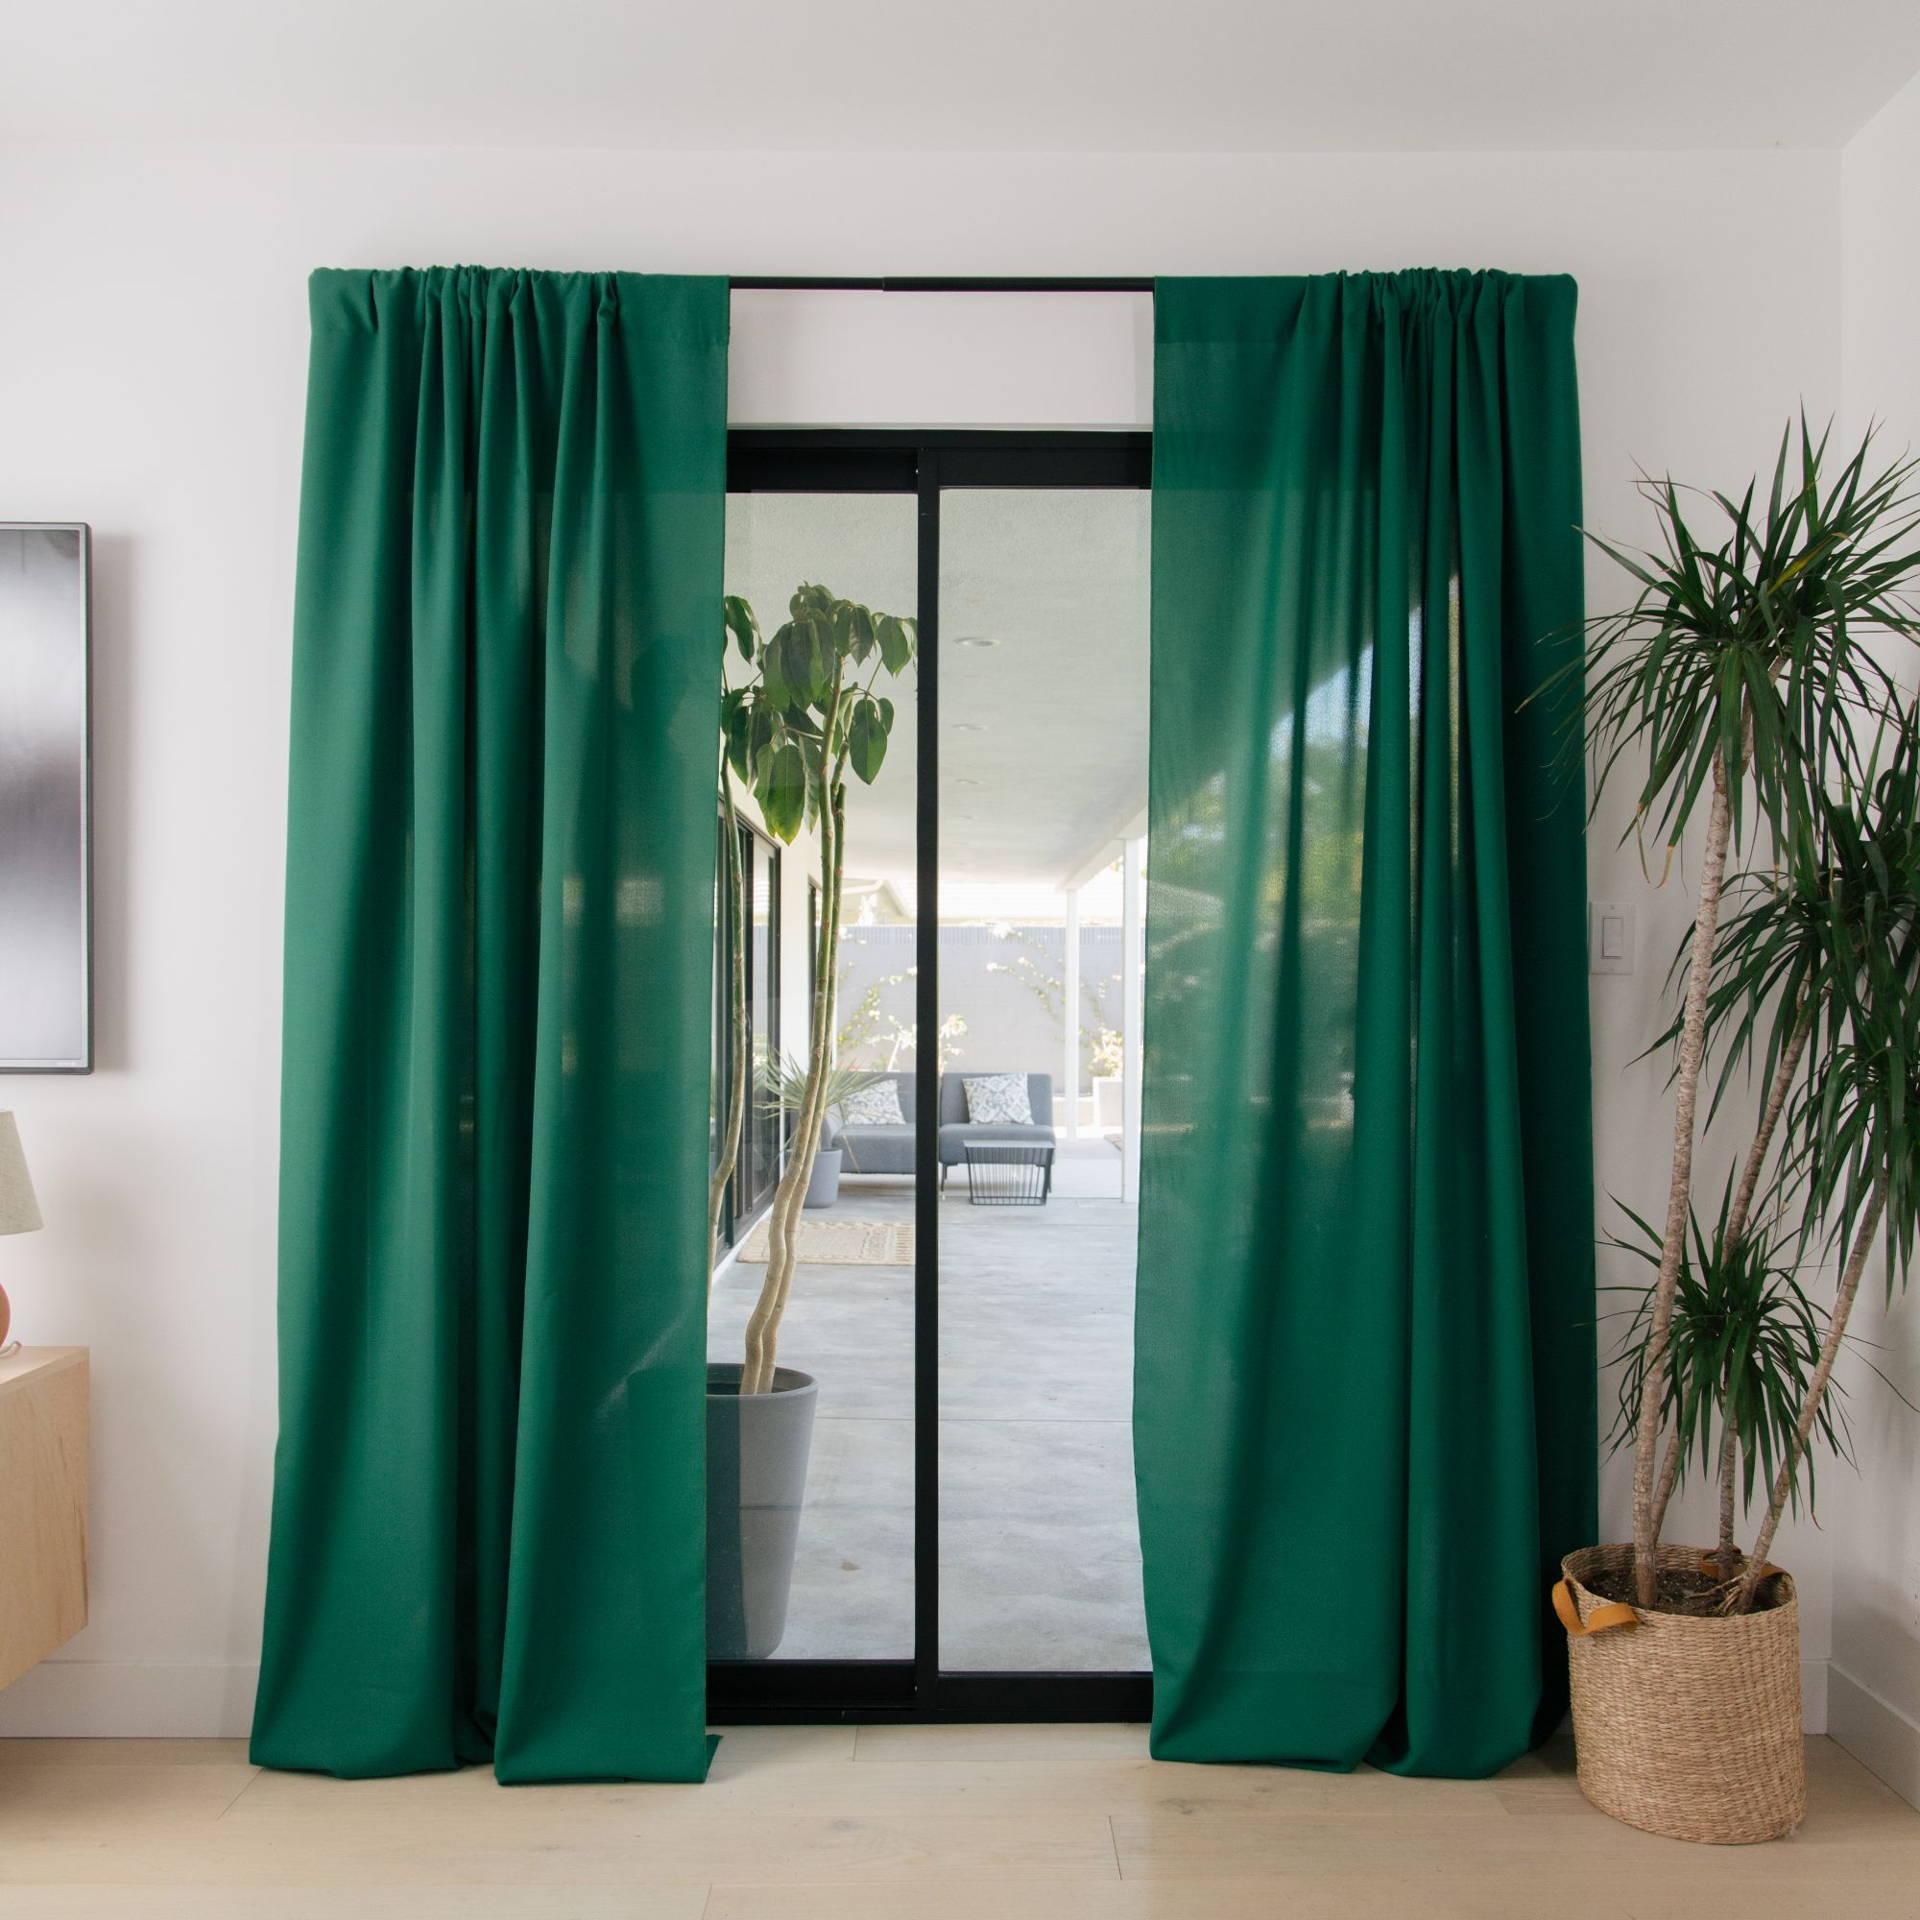 LA Linen Drapes, Poplin, Emerald Green, Interior, Home Decor, Window, Plant